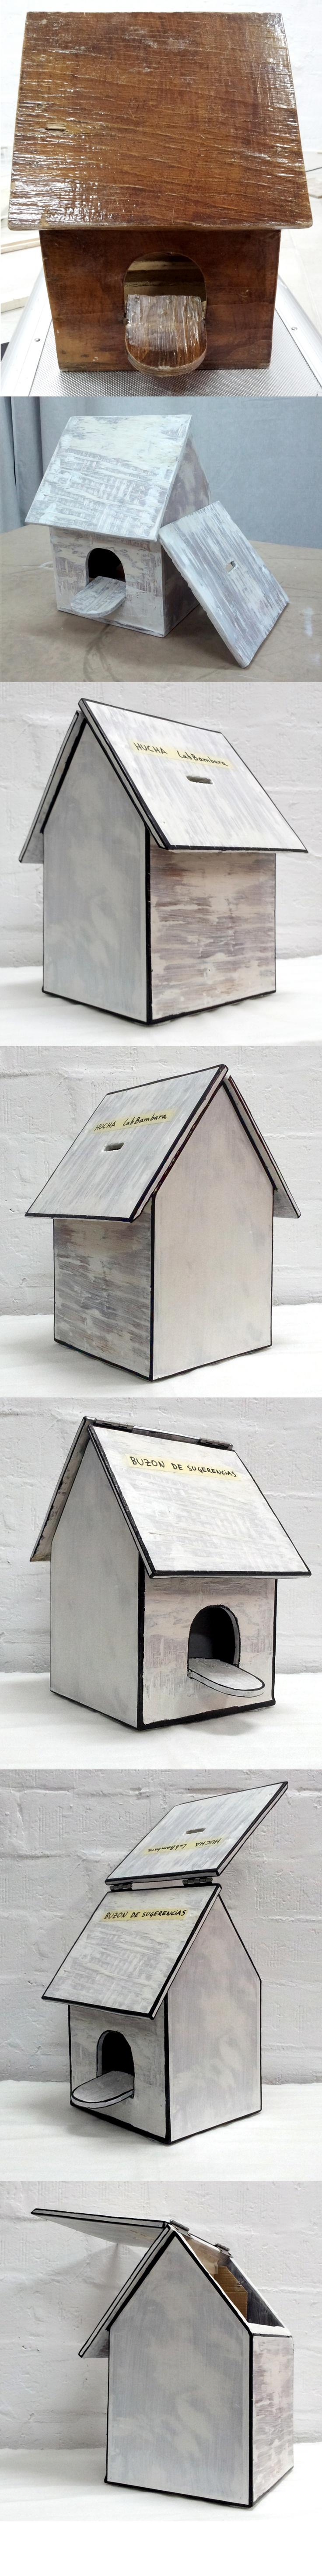 Hucha y buzón de sugerencias del Laboratorio Bambara creada a partir de una casita de pájaros.